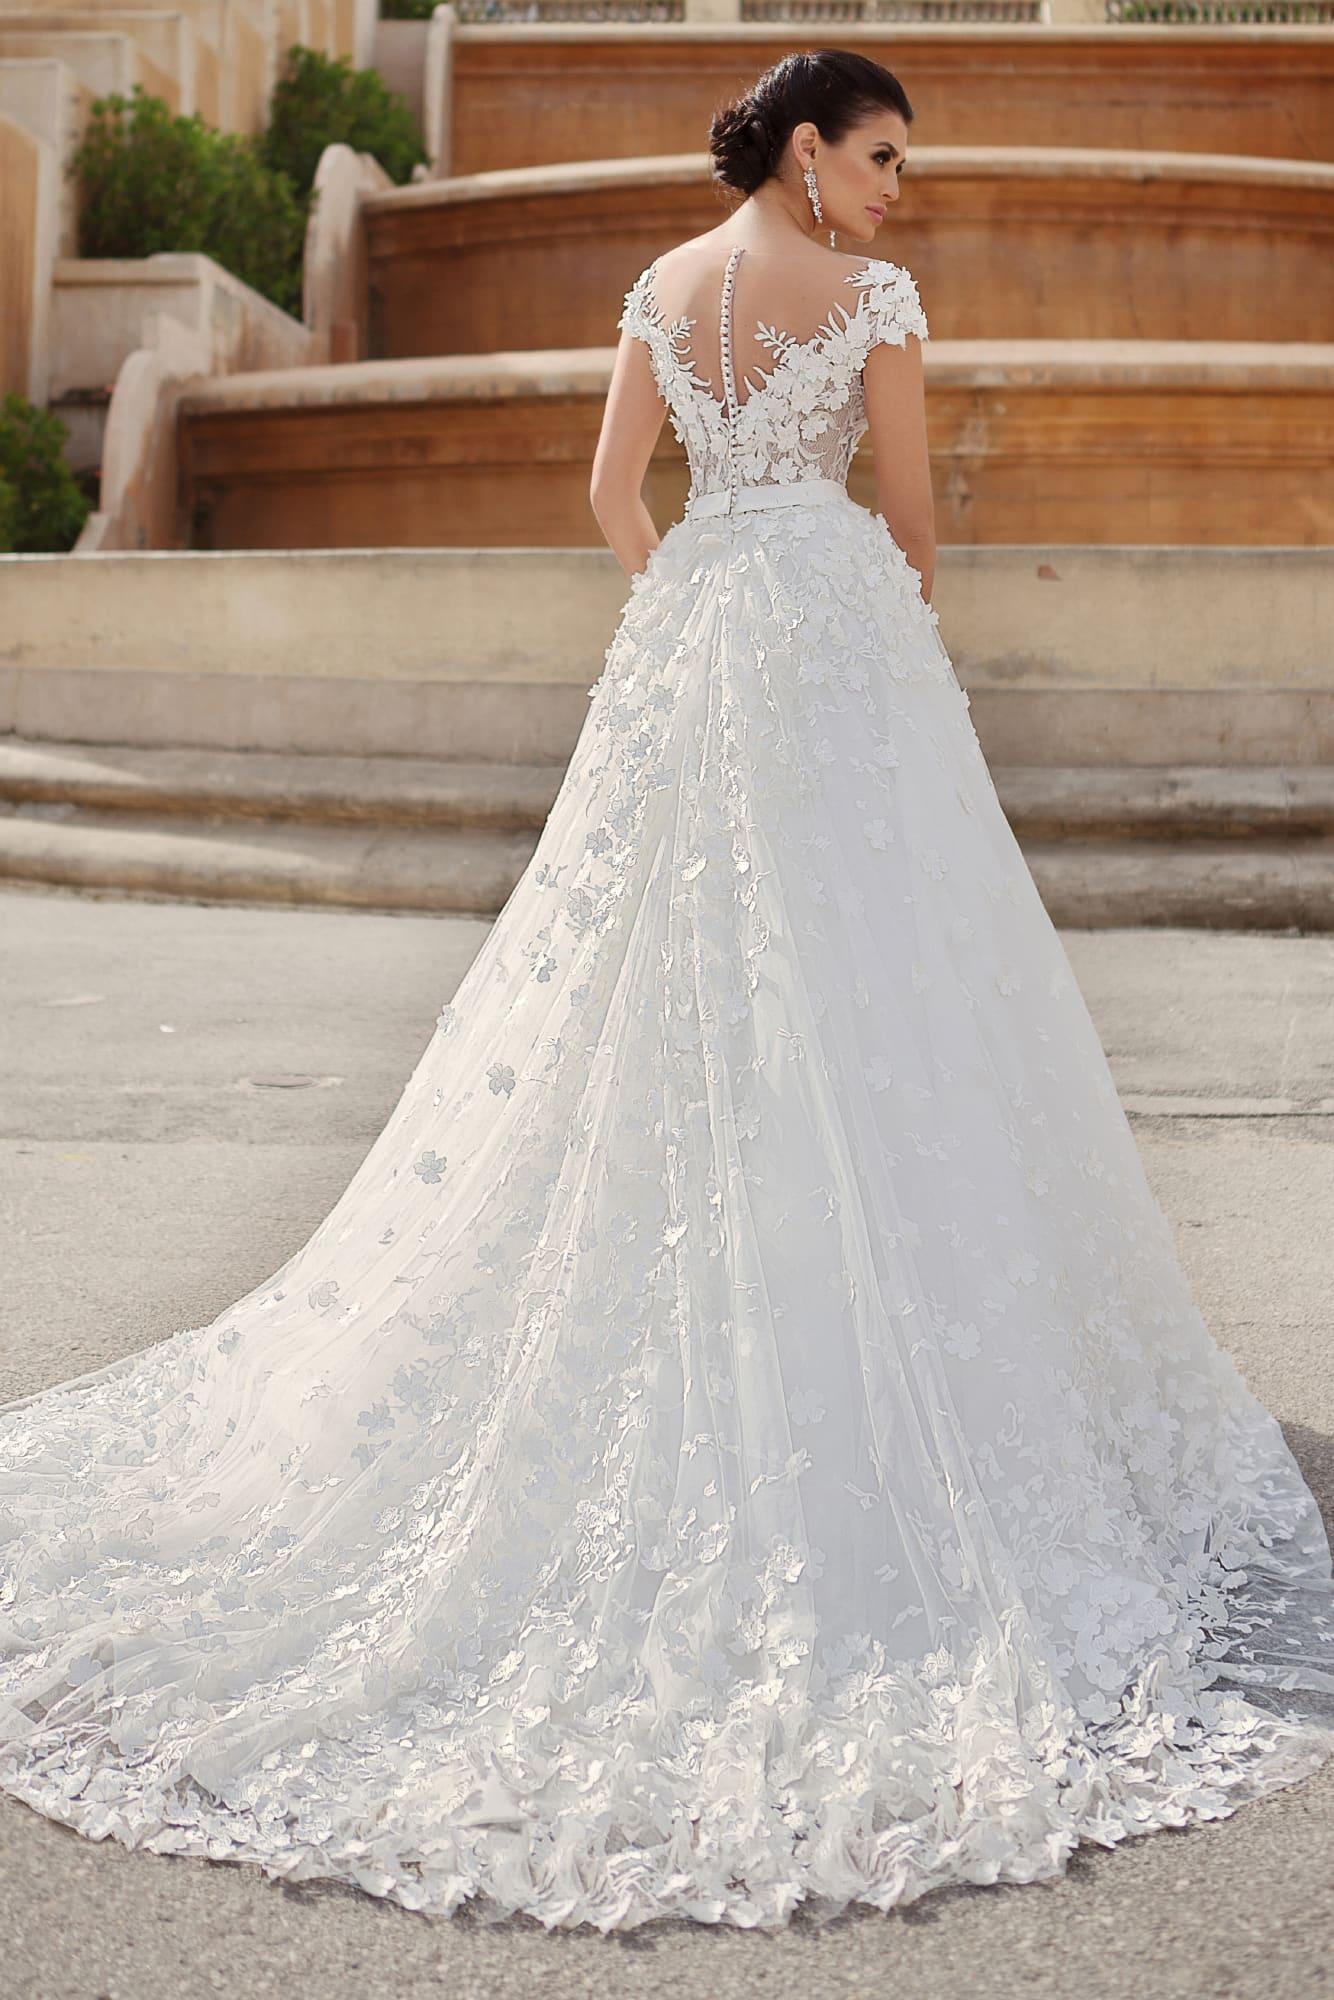 Свадебное платье силуэта «принцесса» с романтичной объемной отделкой закрытого верха.